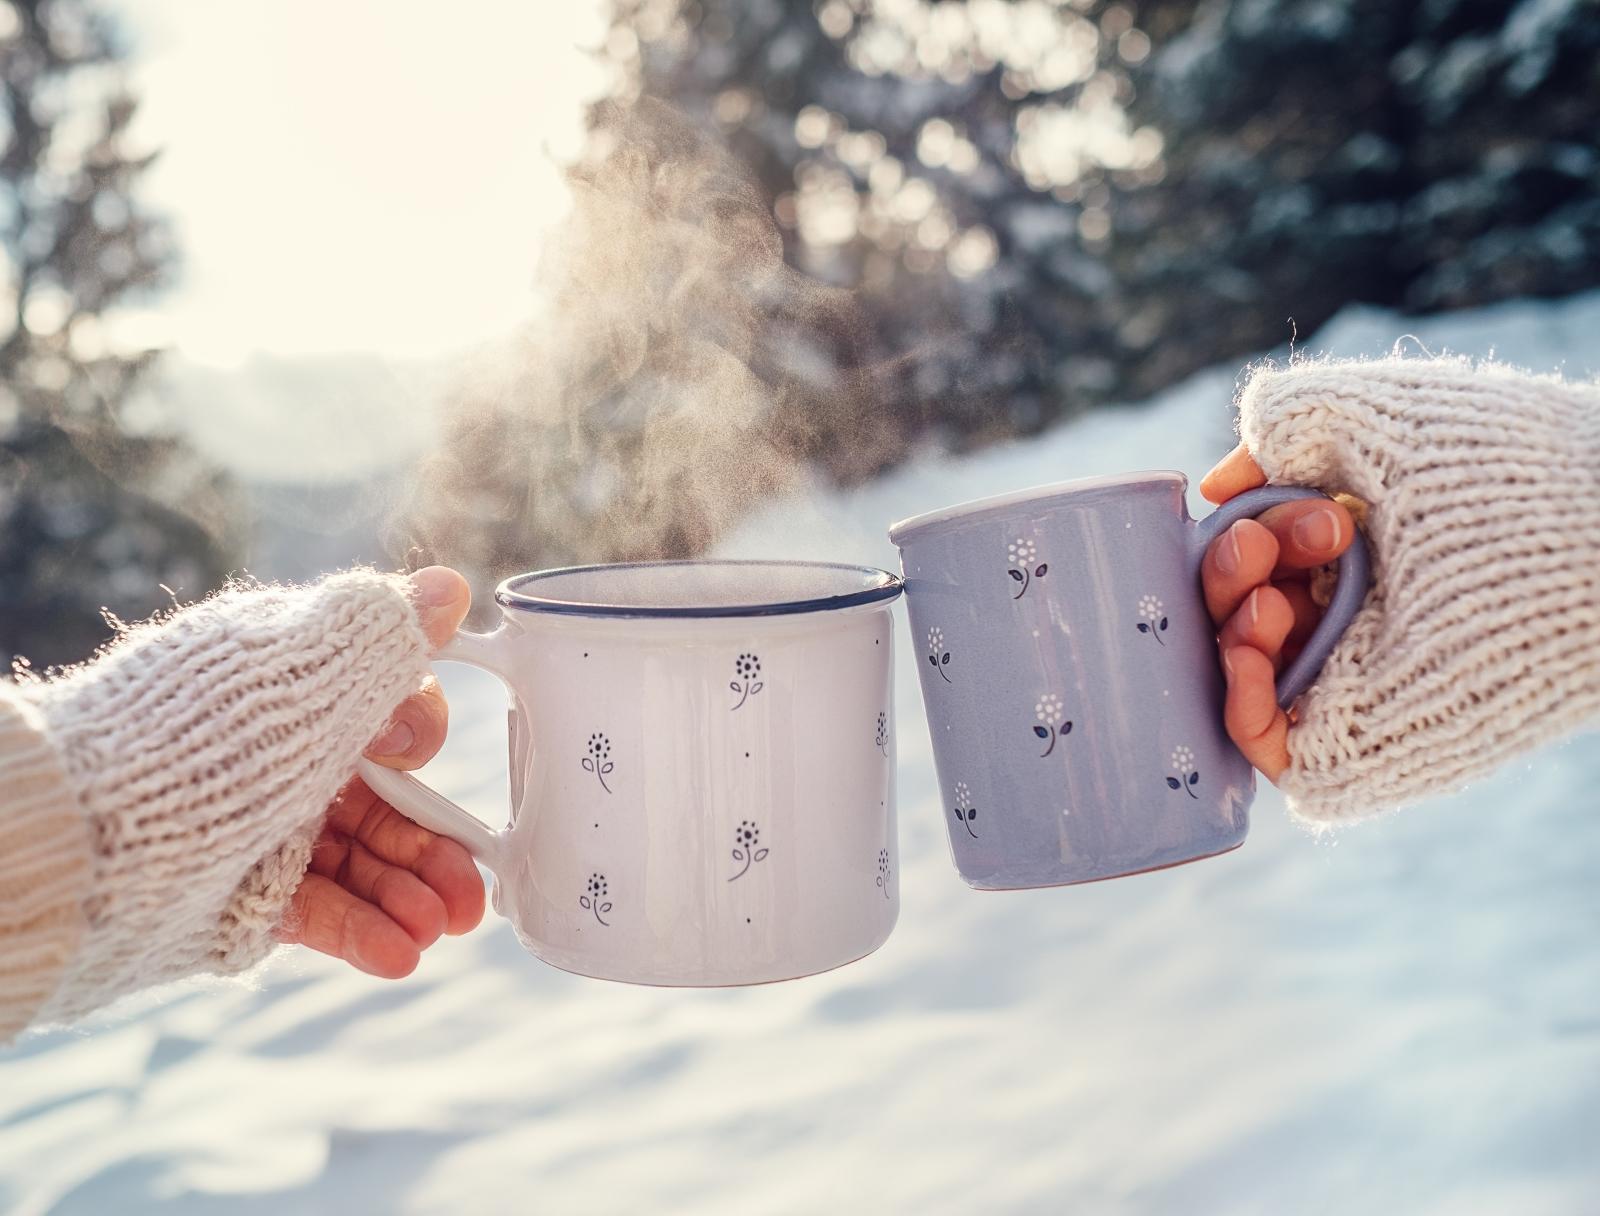 Това може да ви се стори възможно най-пубертетското и клиширано нещо на света, обаче... РАБОТИ! Вземете си мачващи чаши и си пийте кафето или чая от тях. Усещането, че в момента правите нещо с любим човек, независимо колко е далече може да ви стопли много повече, отколкото сте предполагали.